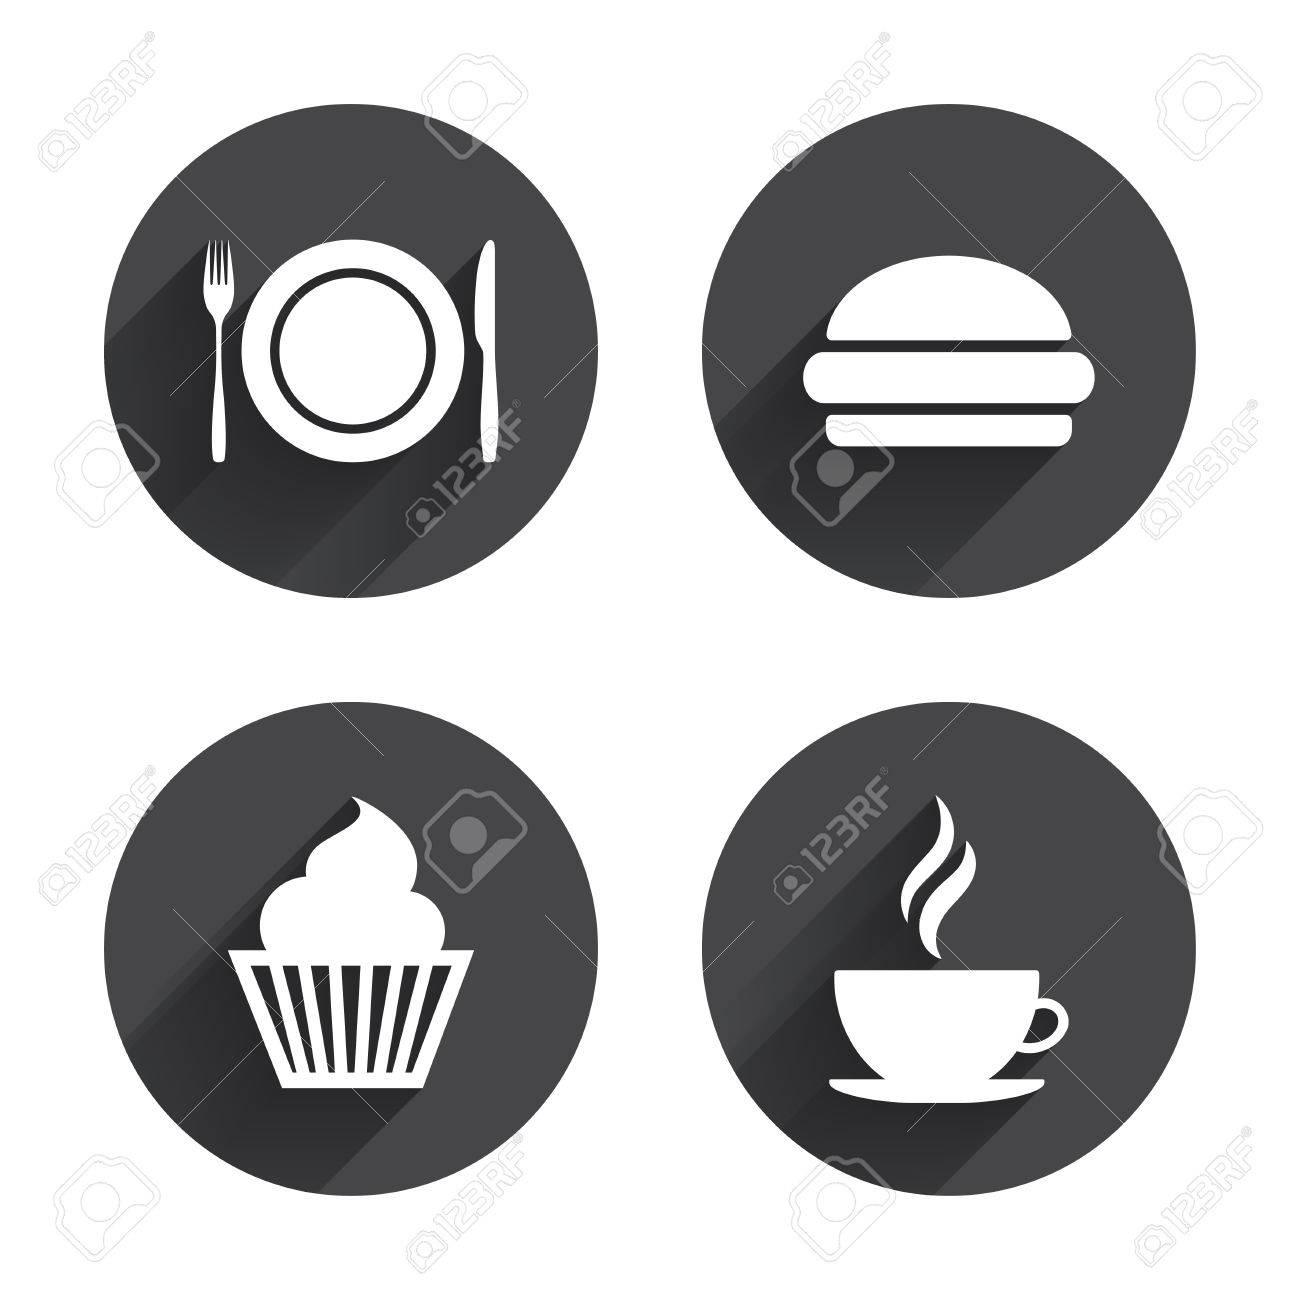 Essen Und Trinken Icons. Muffin-Kuchen-Symbol. Teller Teller Mit ...